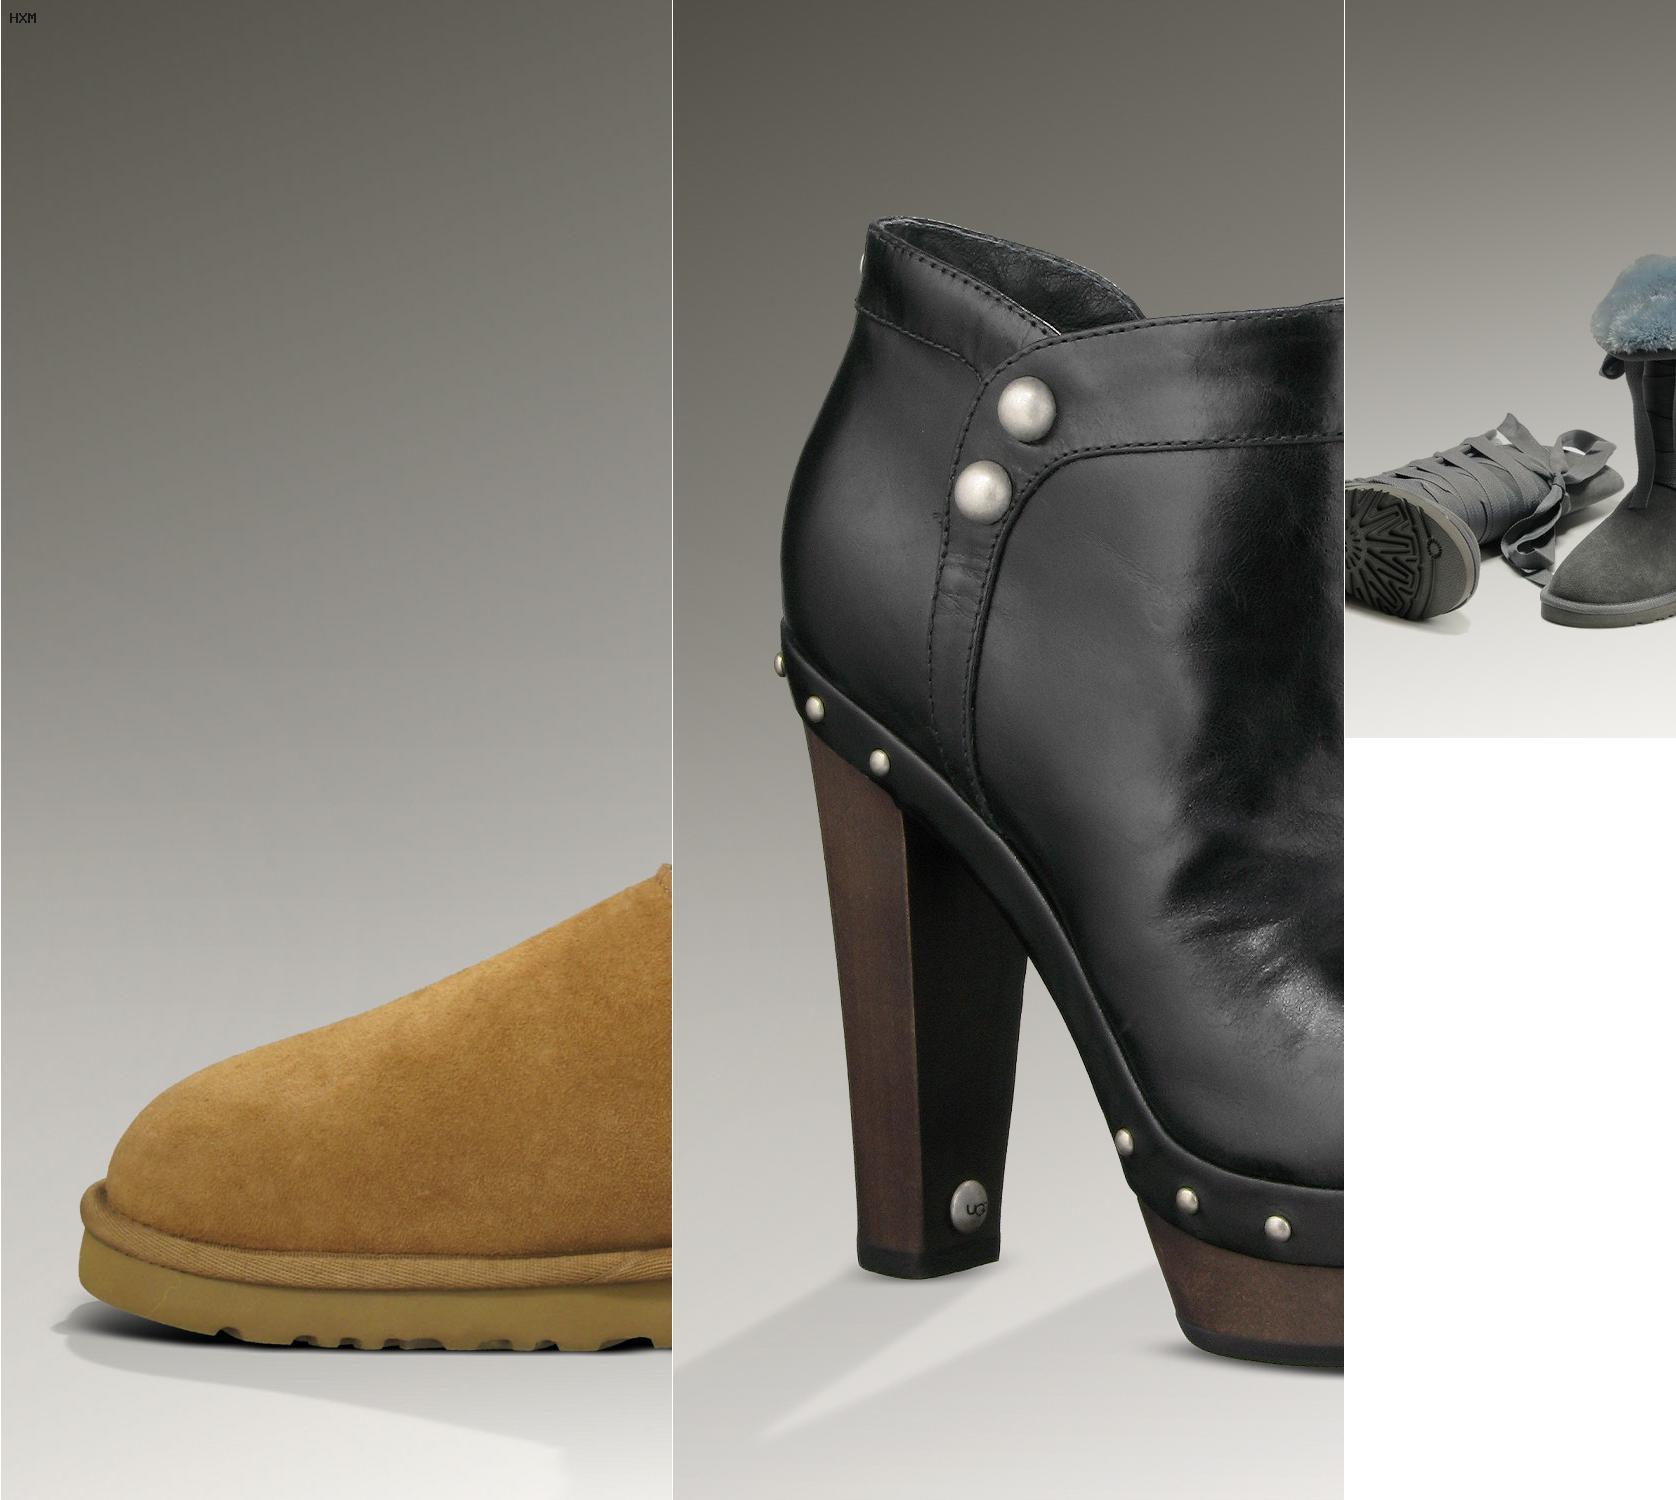 bottes ugg femme promo